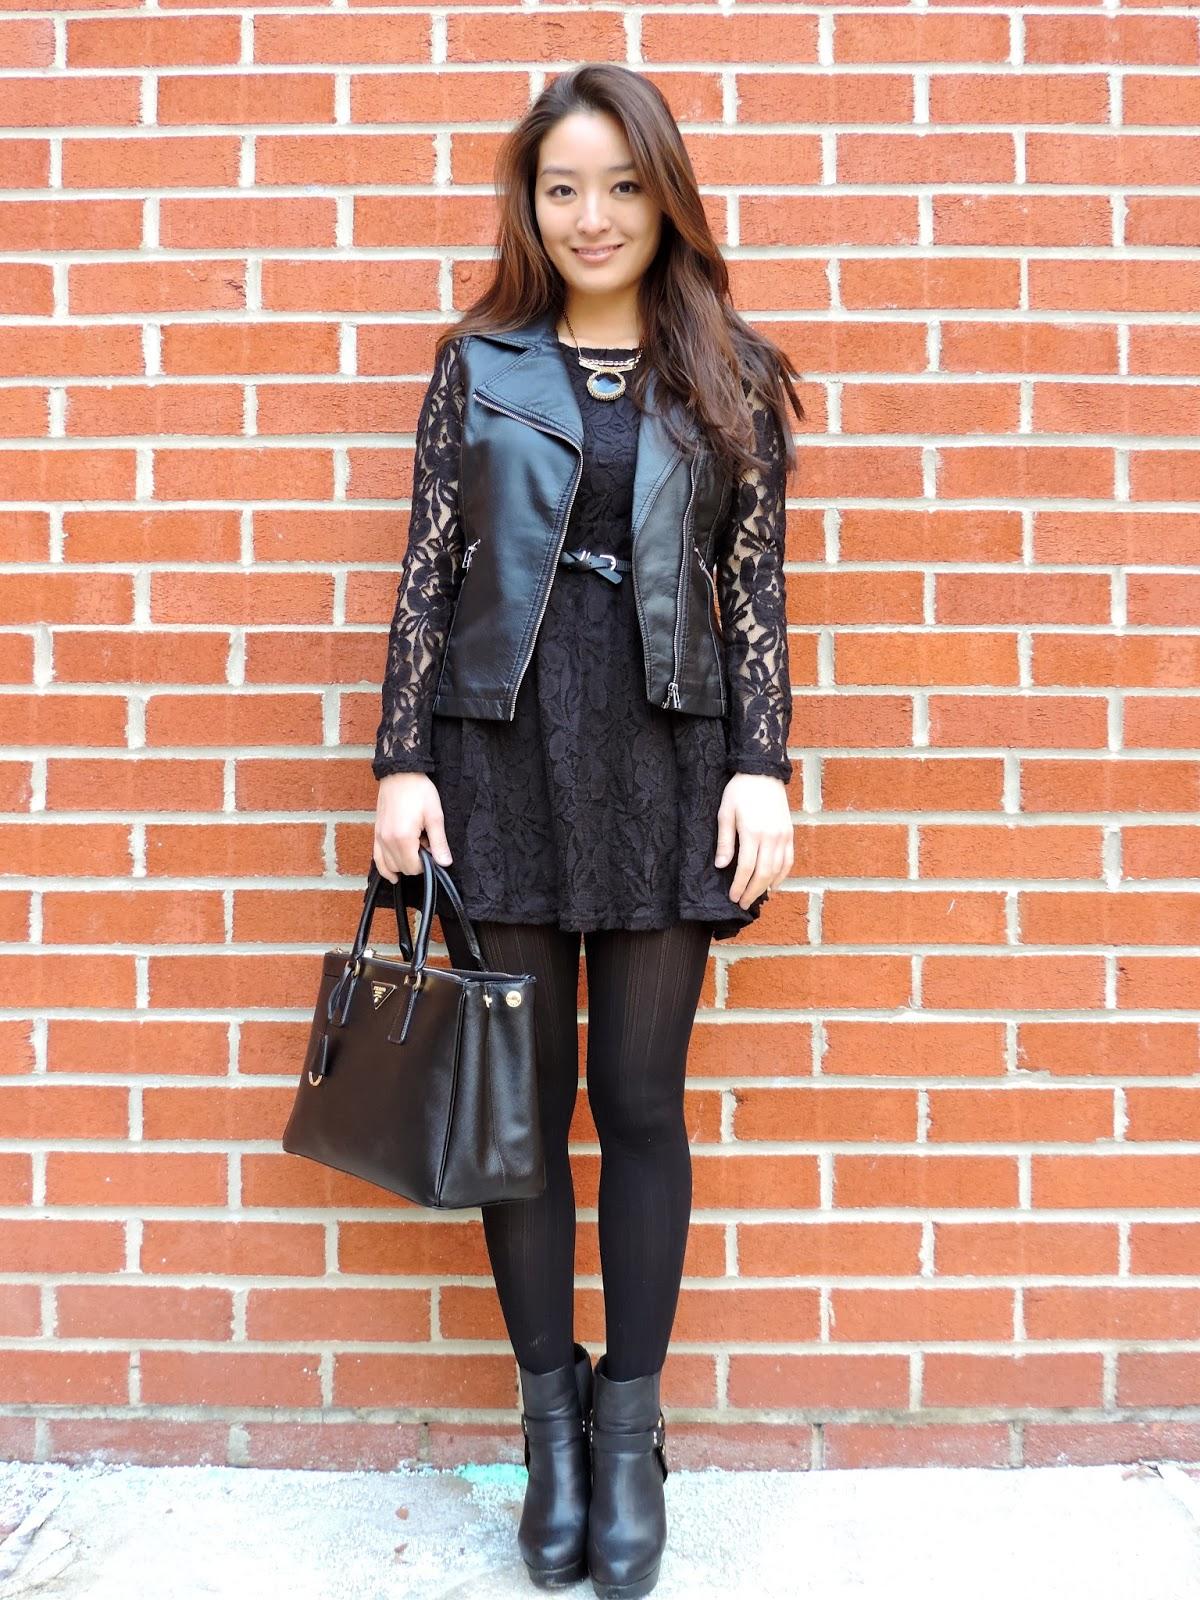 The Faux Leather Vest